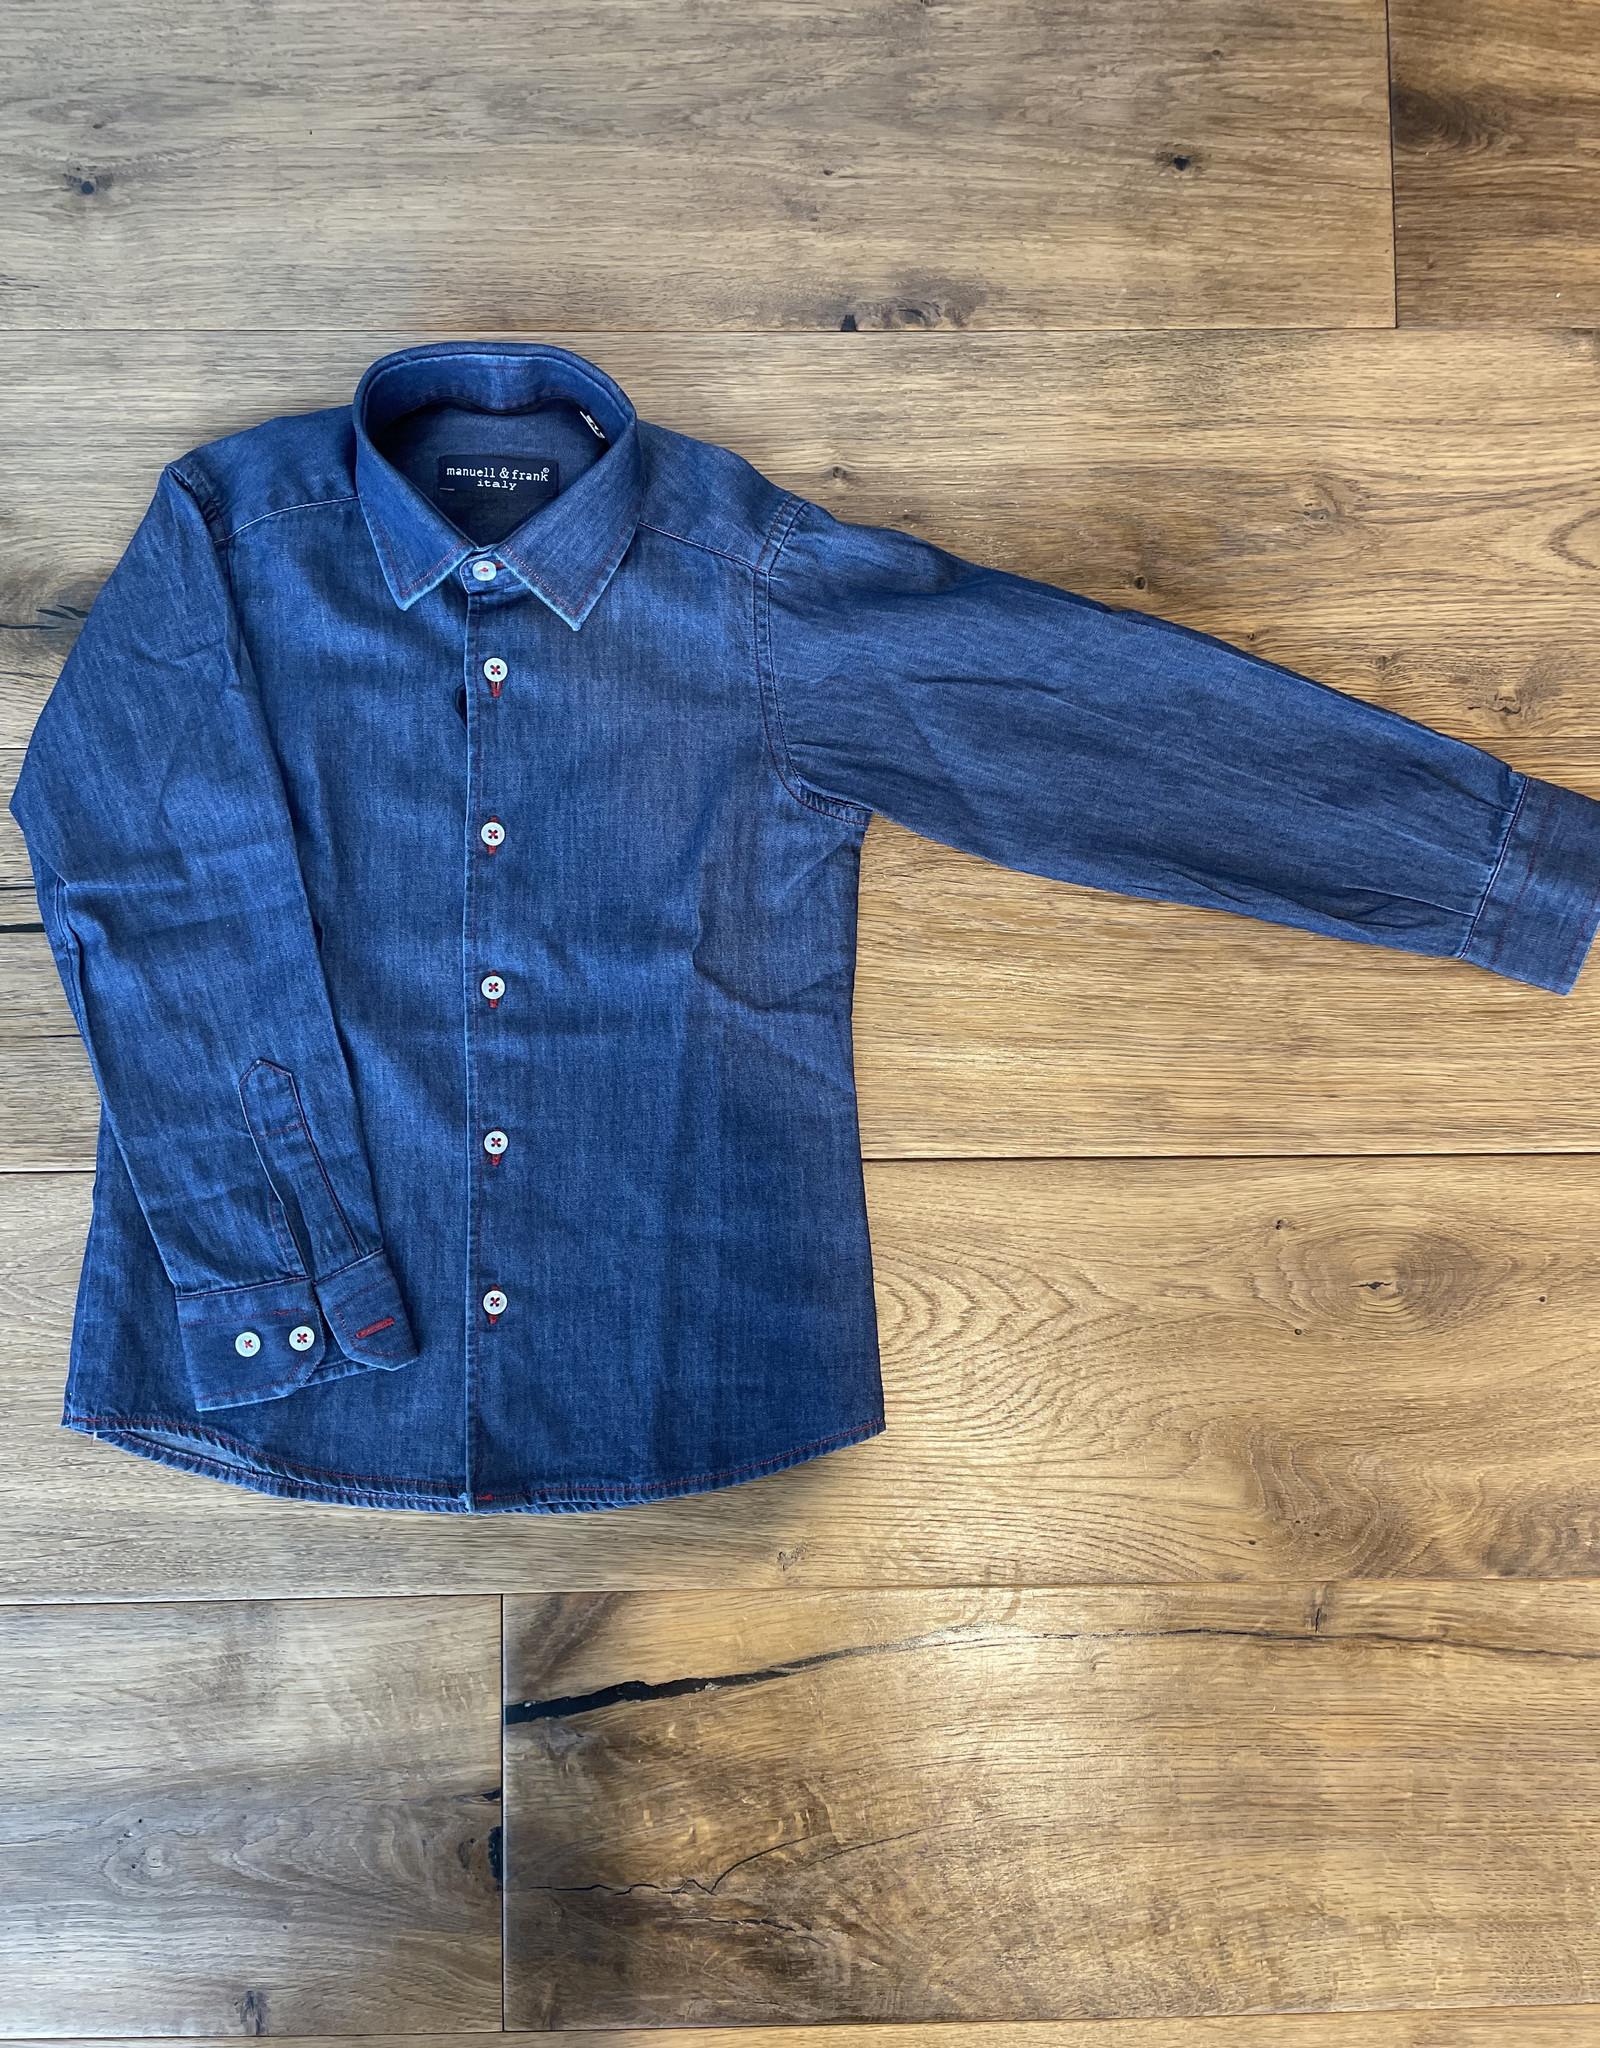 MANUELL & FRANK MANUELL & FRANK Hemd jeans MF3180